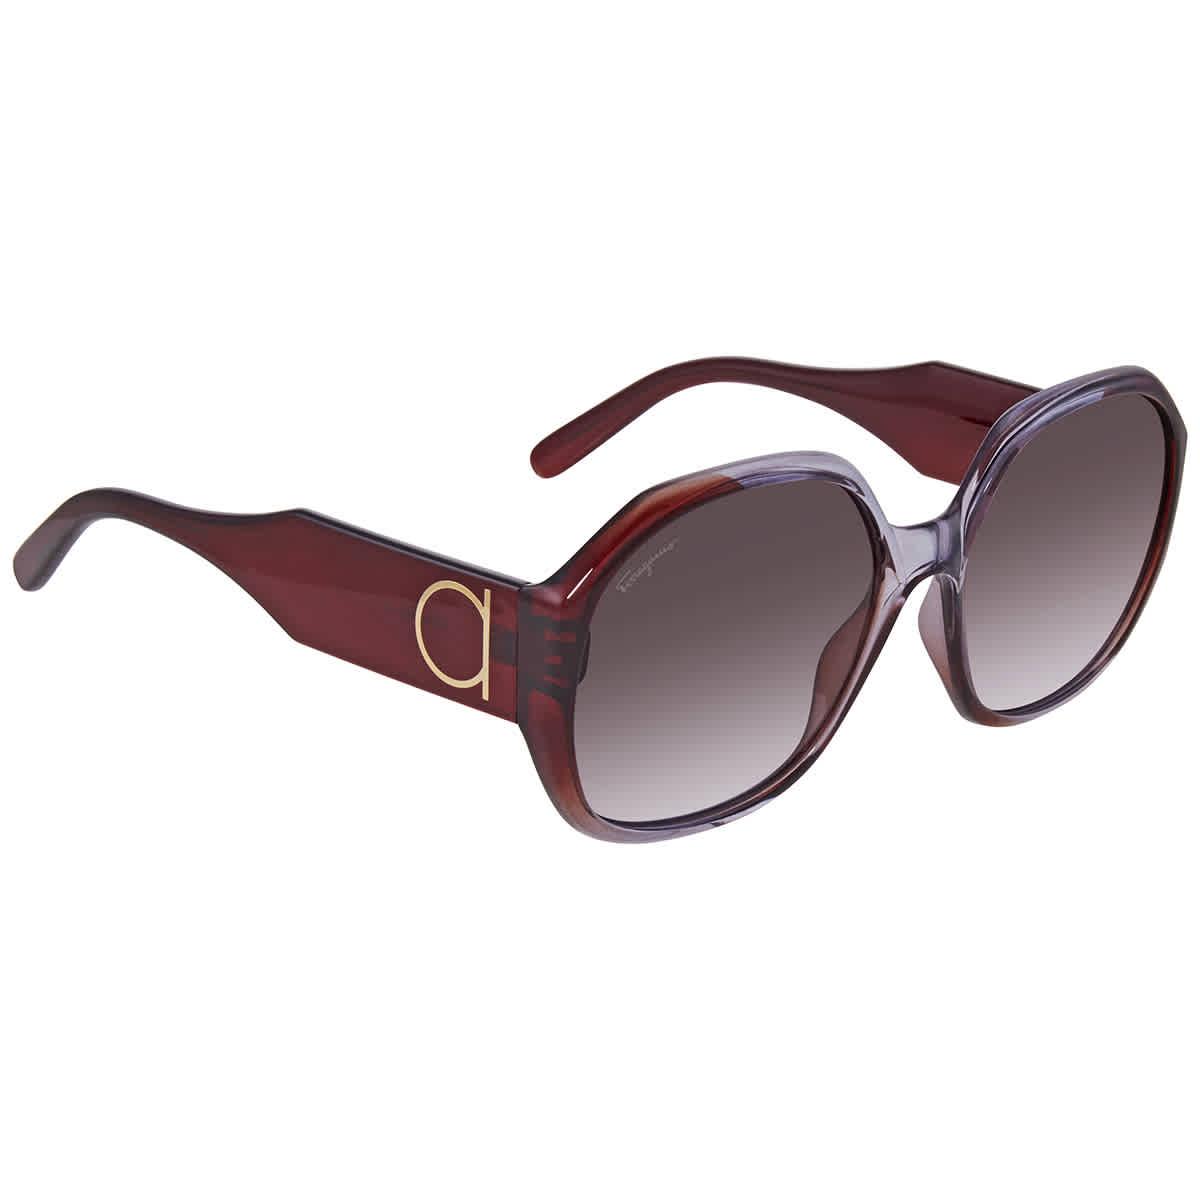 Salvatore Ferragamo Brown Gradient Round Sunglasses Sf943s 546 60